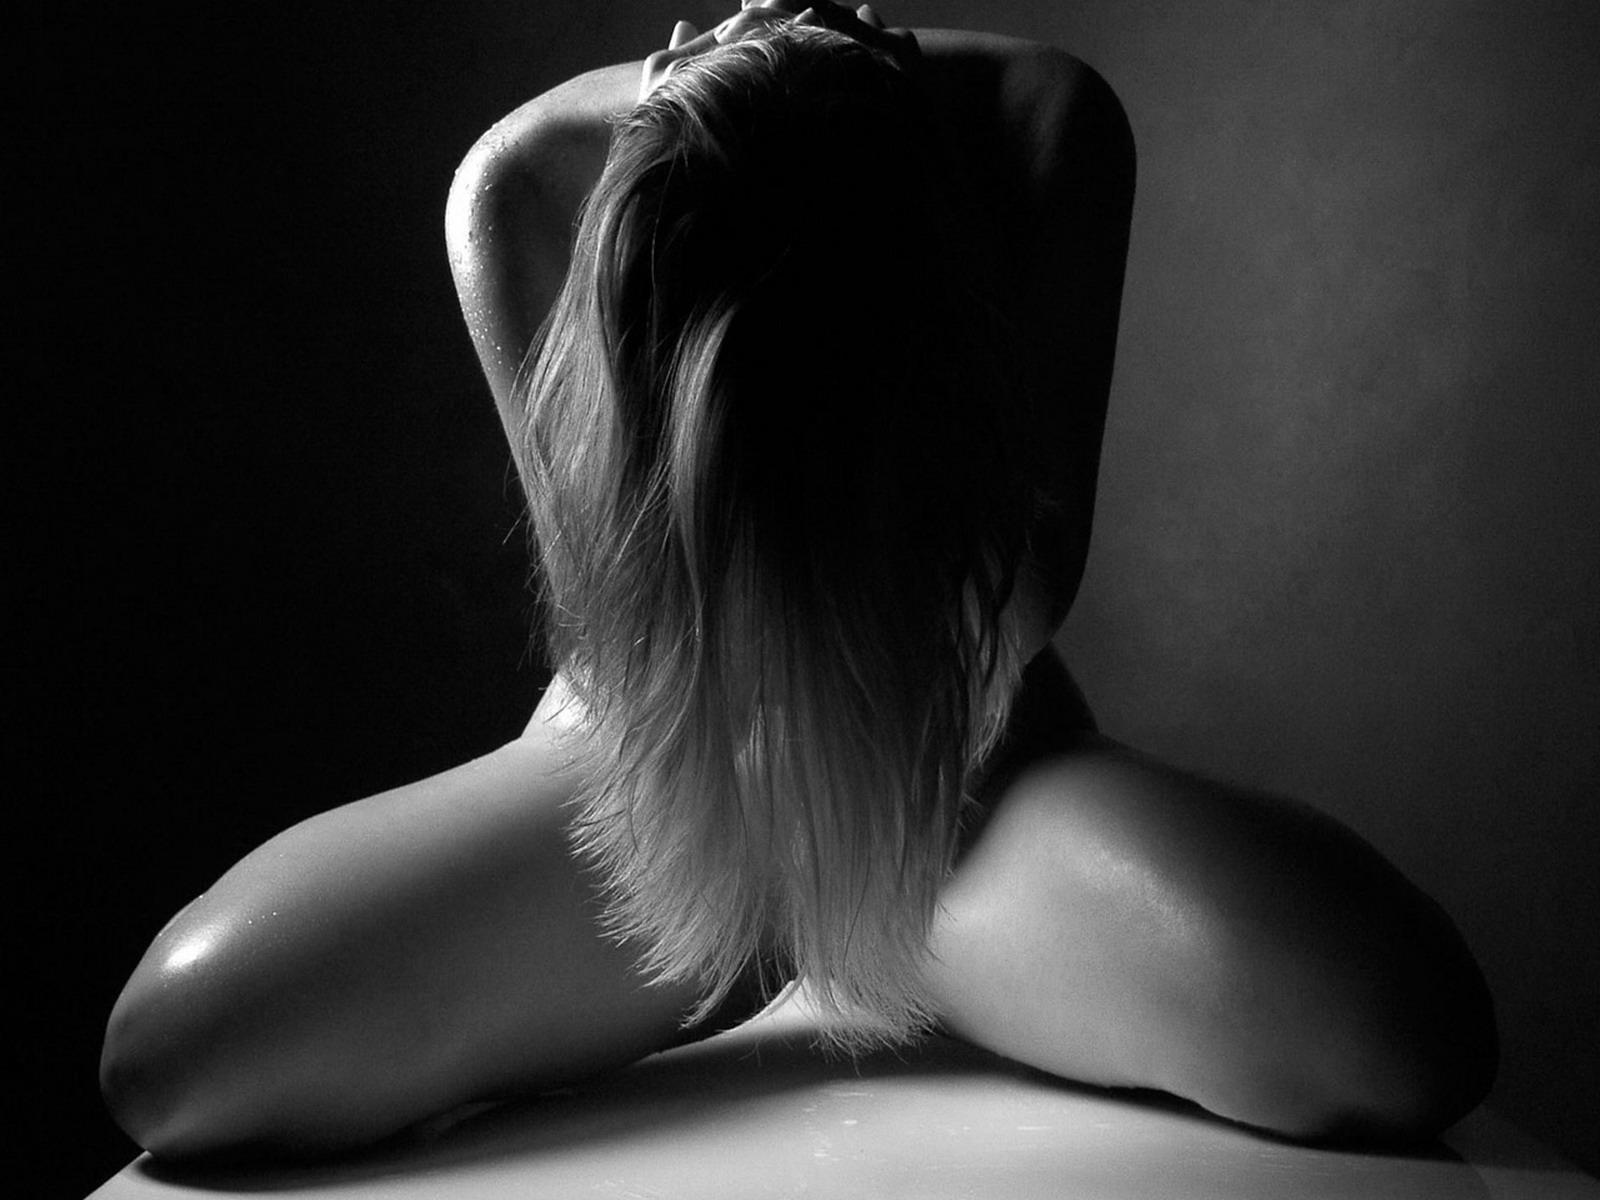 junge frauen für sex gesucht unter 29 Salmsach